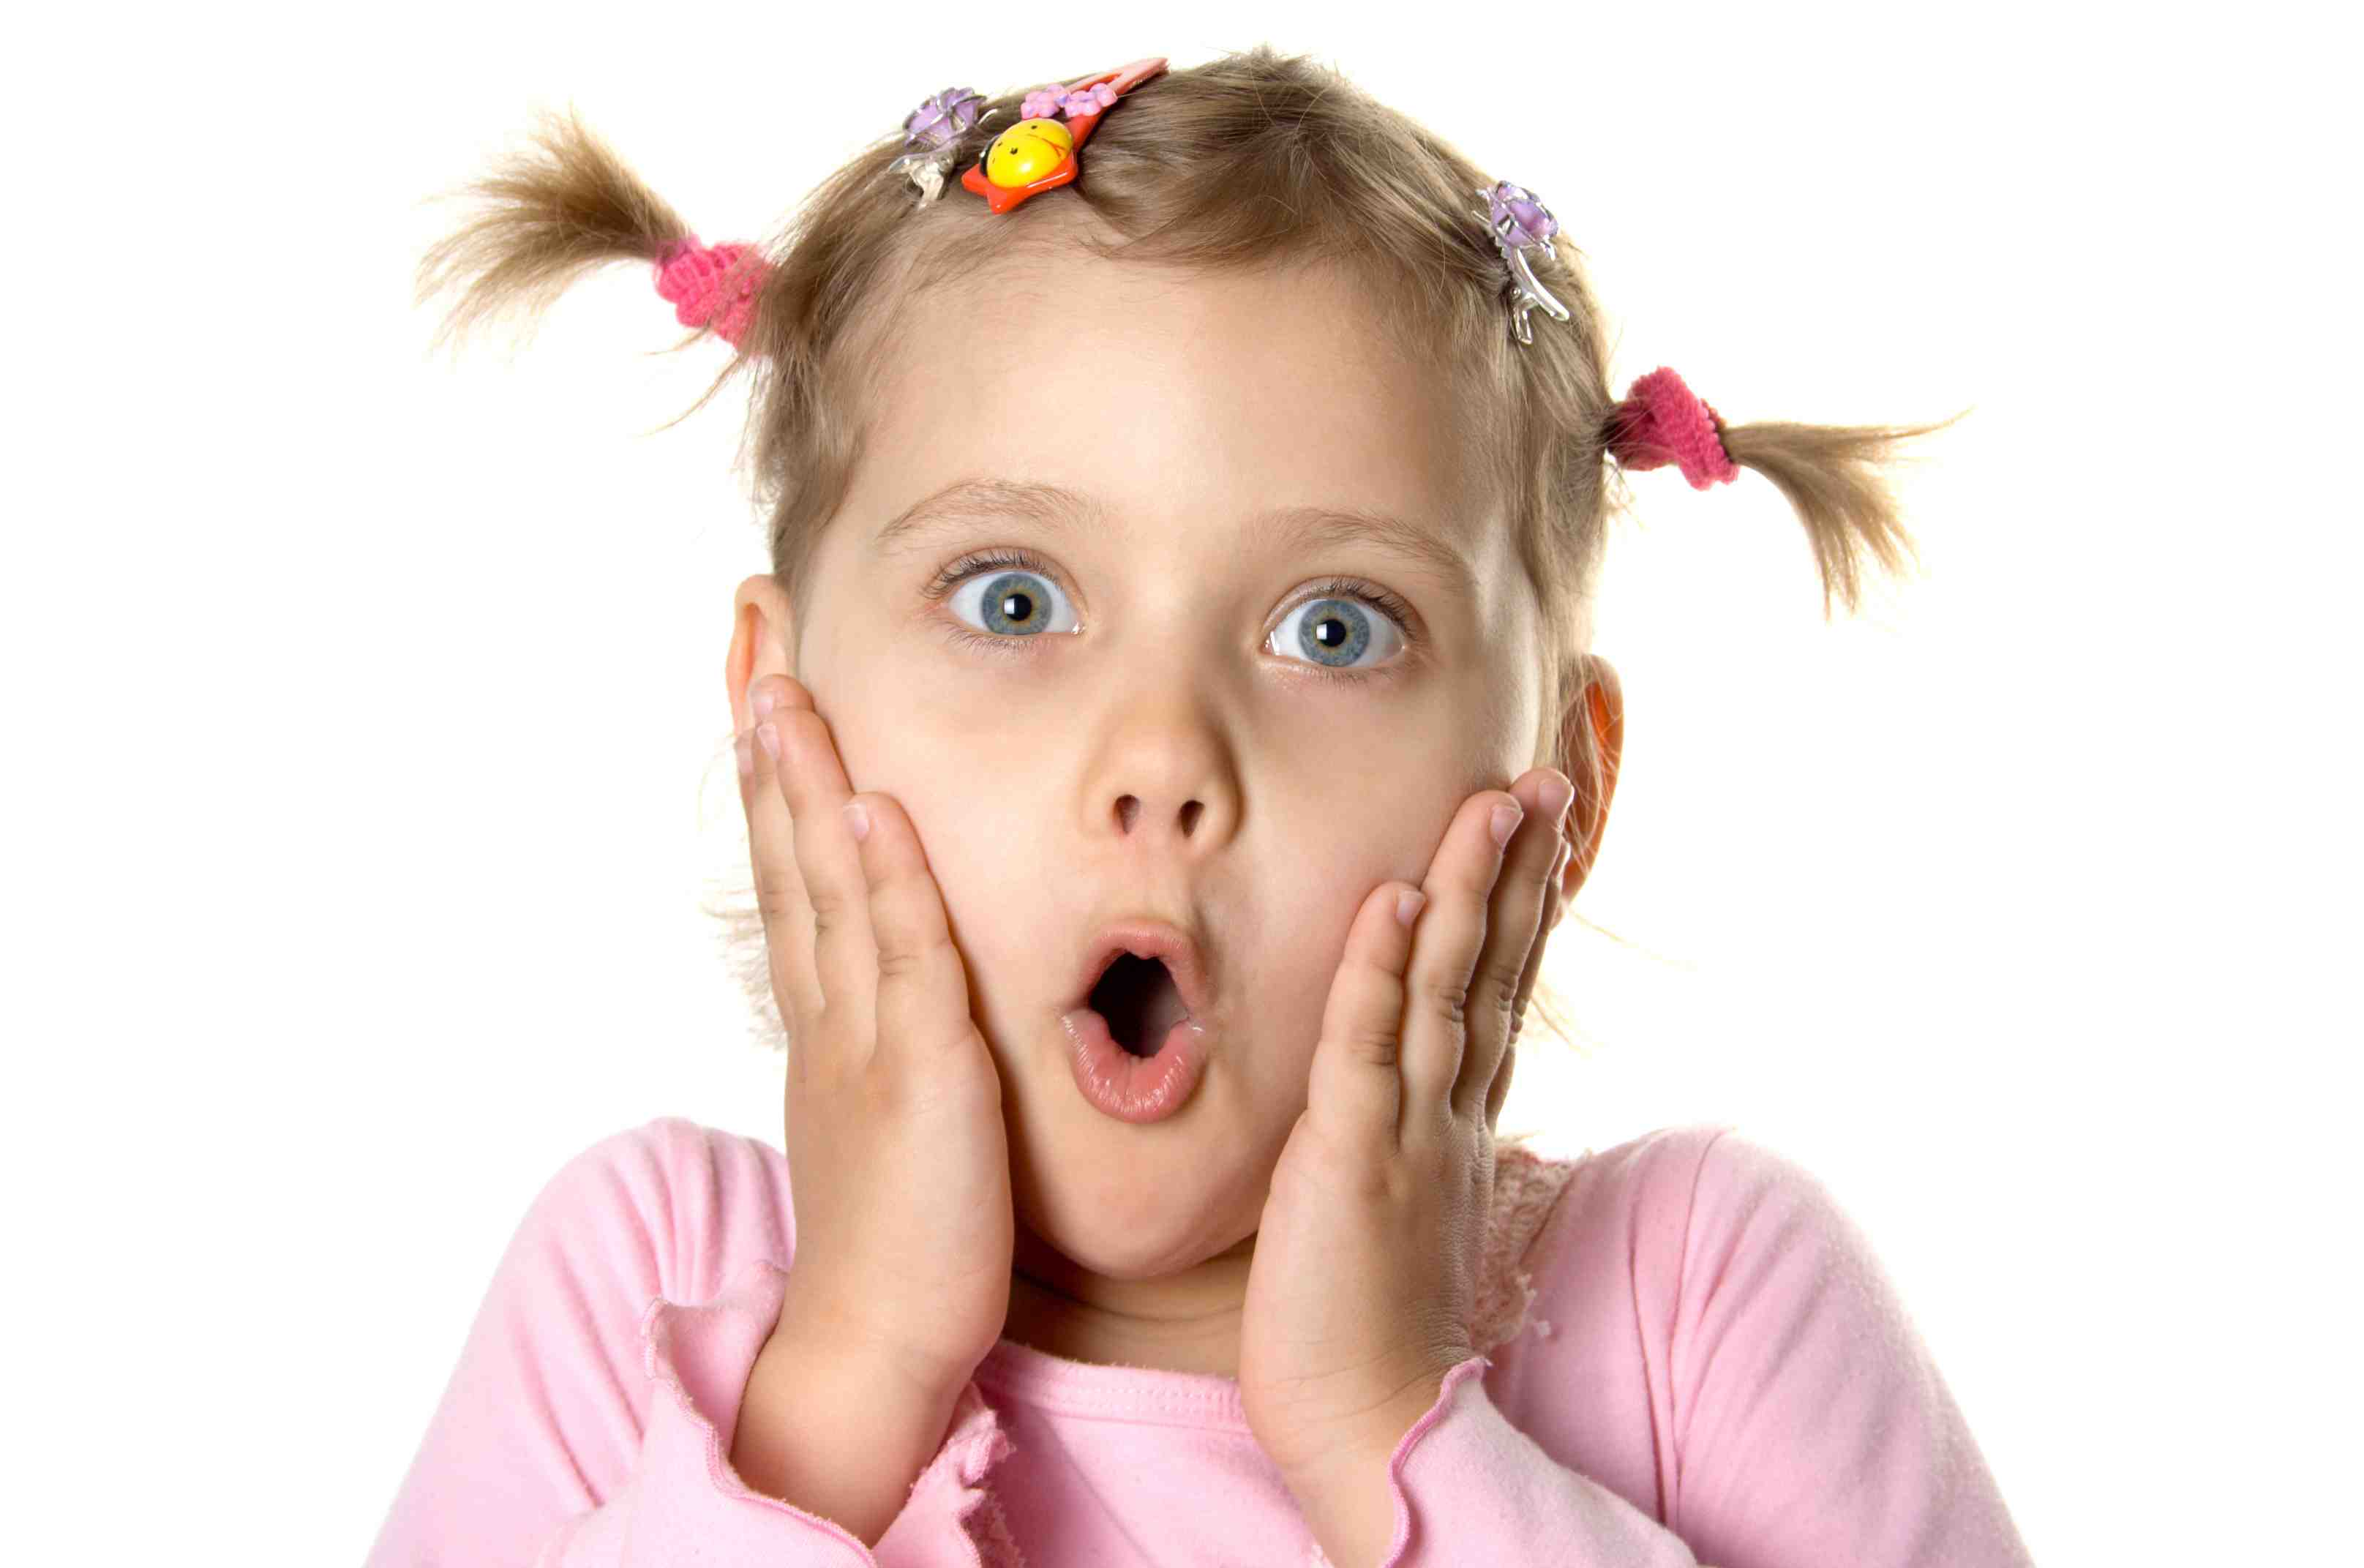 Что делать родителям, если у ребенка нервный тик